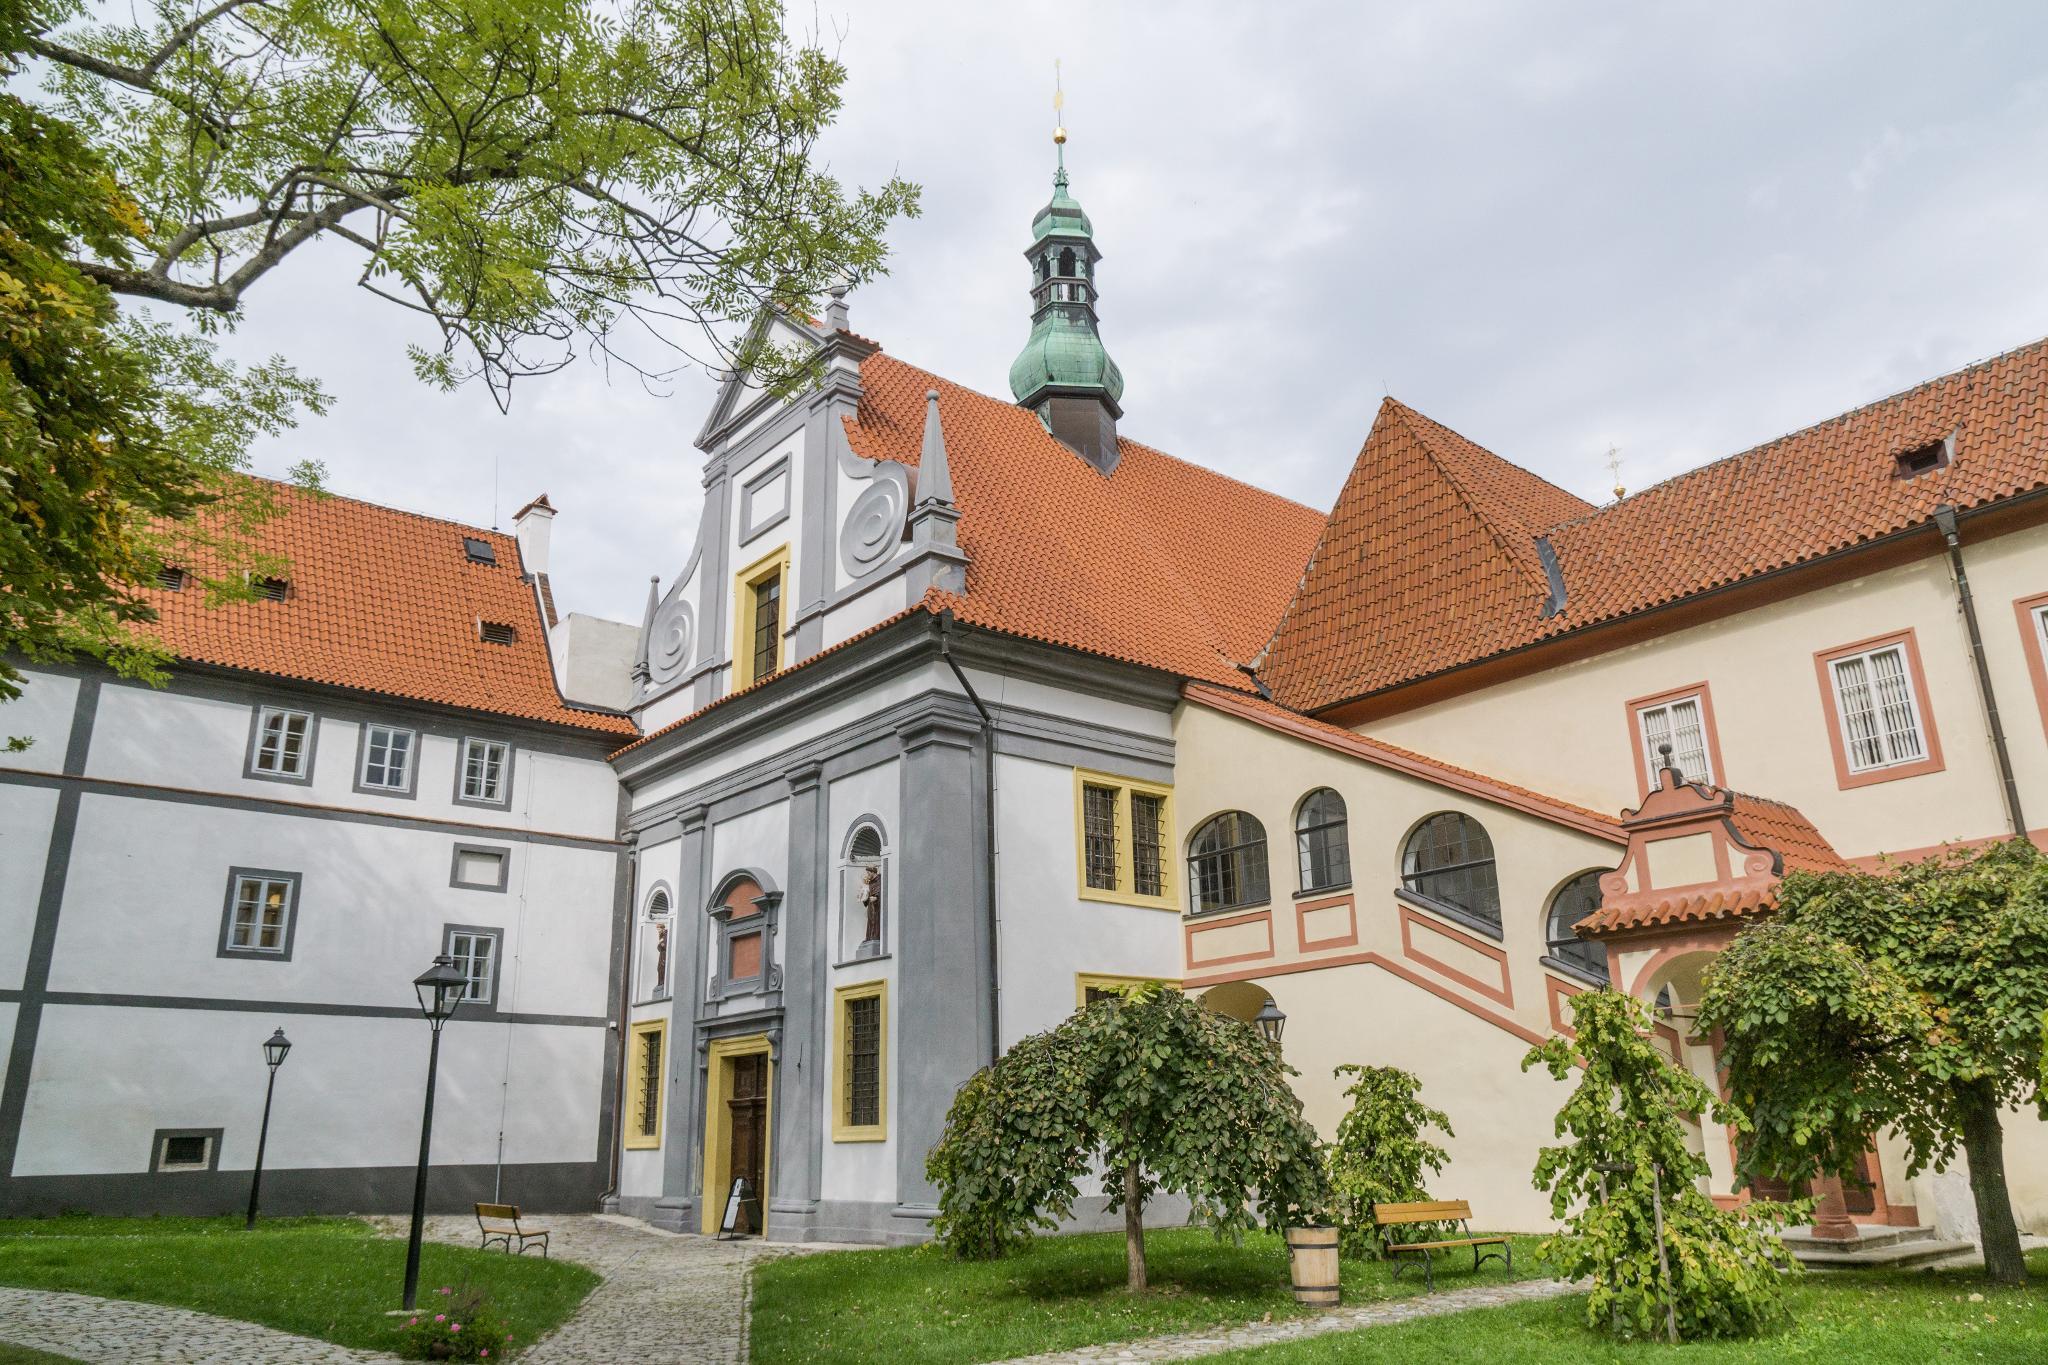 【捷克】穿越時空的波希米亞狂想曲 — Český Krumlov Castle 庫倫諾夫城堡 36